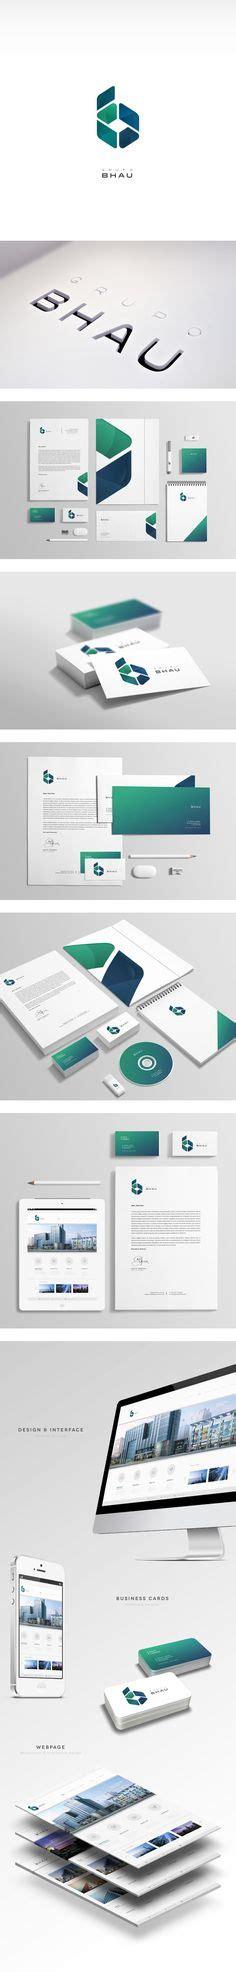 portfolio ideas images portfolio design book